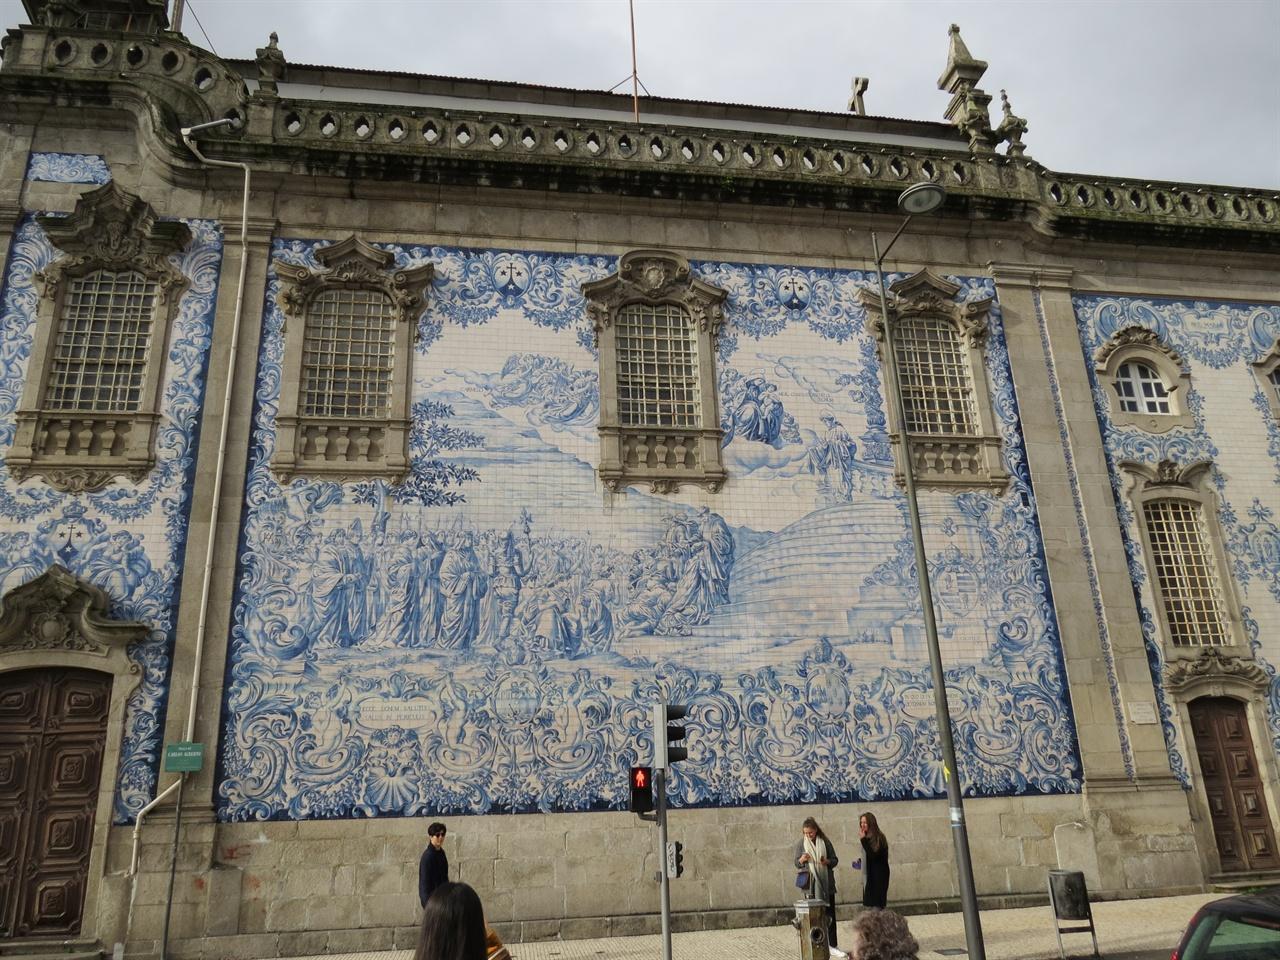 외벽을 아슐레흐로 장식한 포르투갈 성당